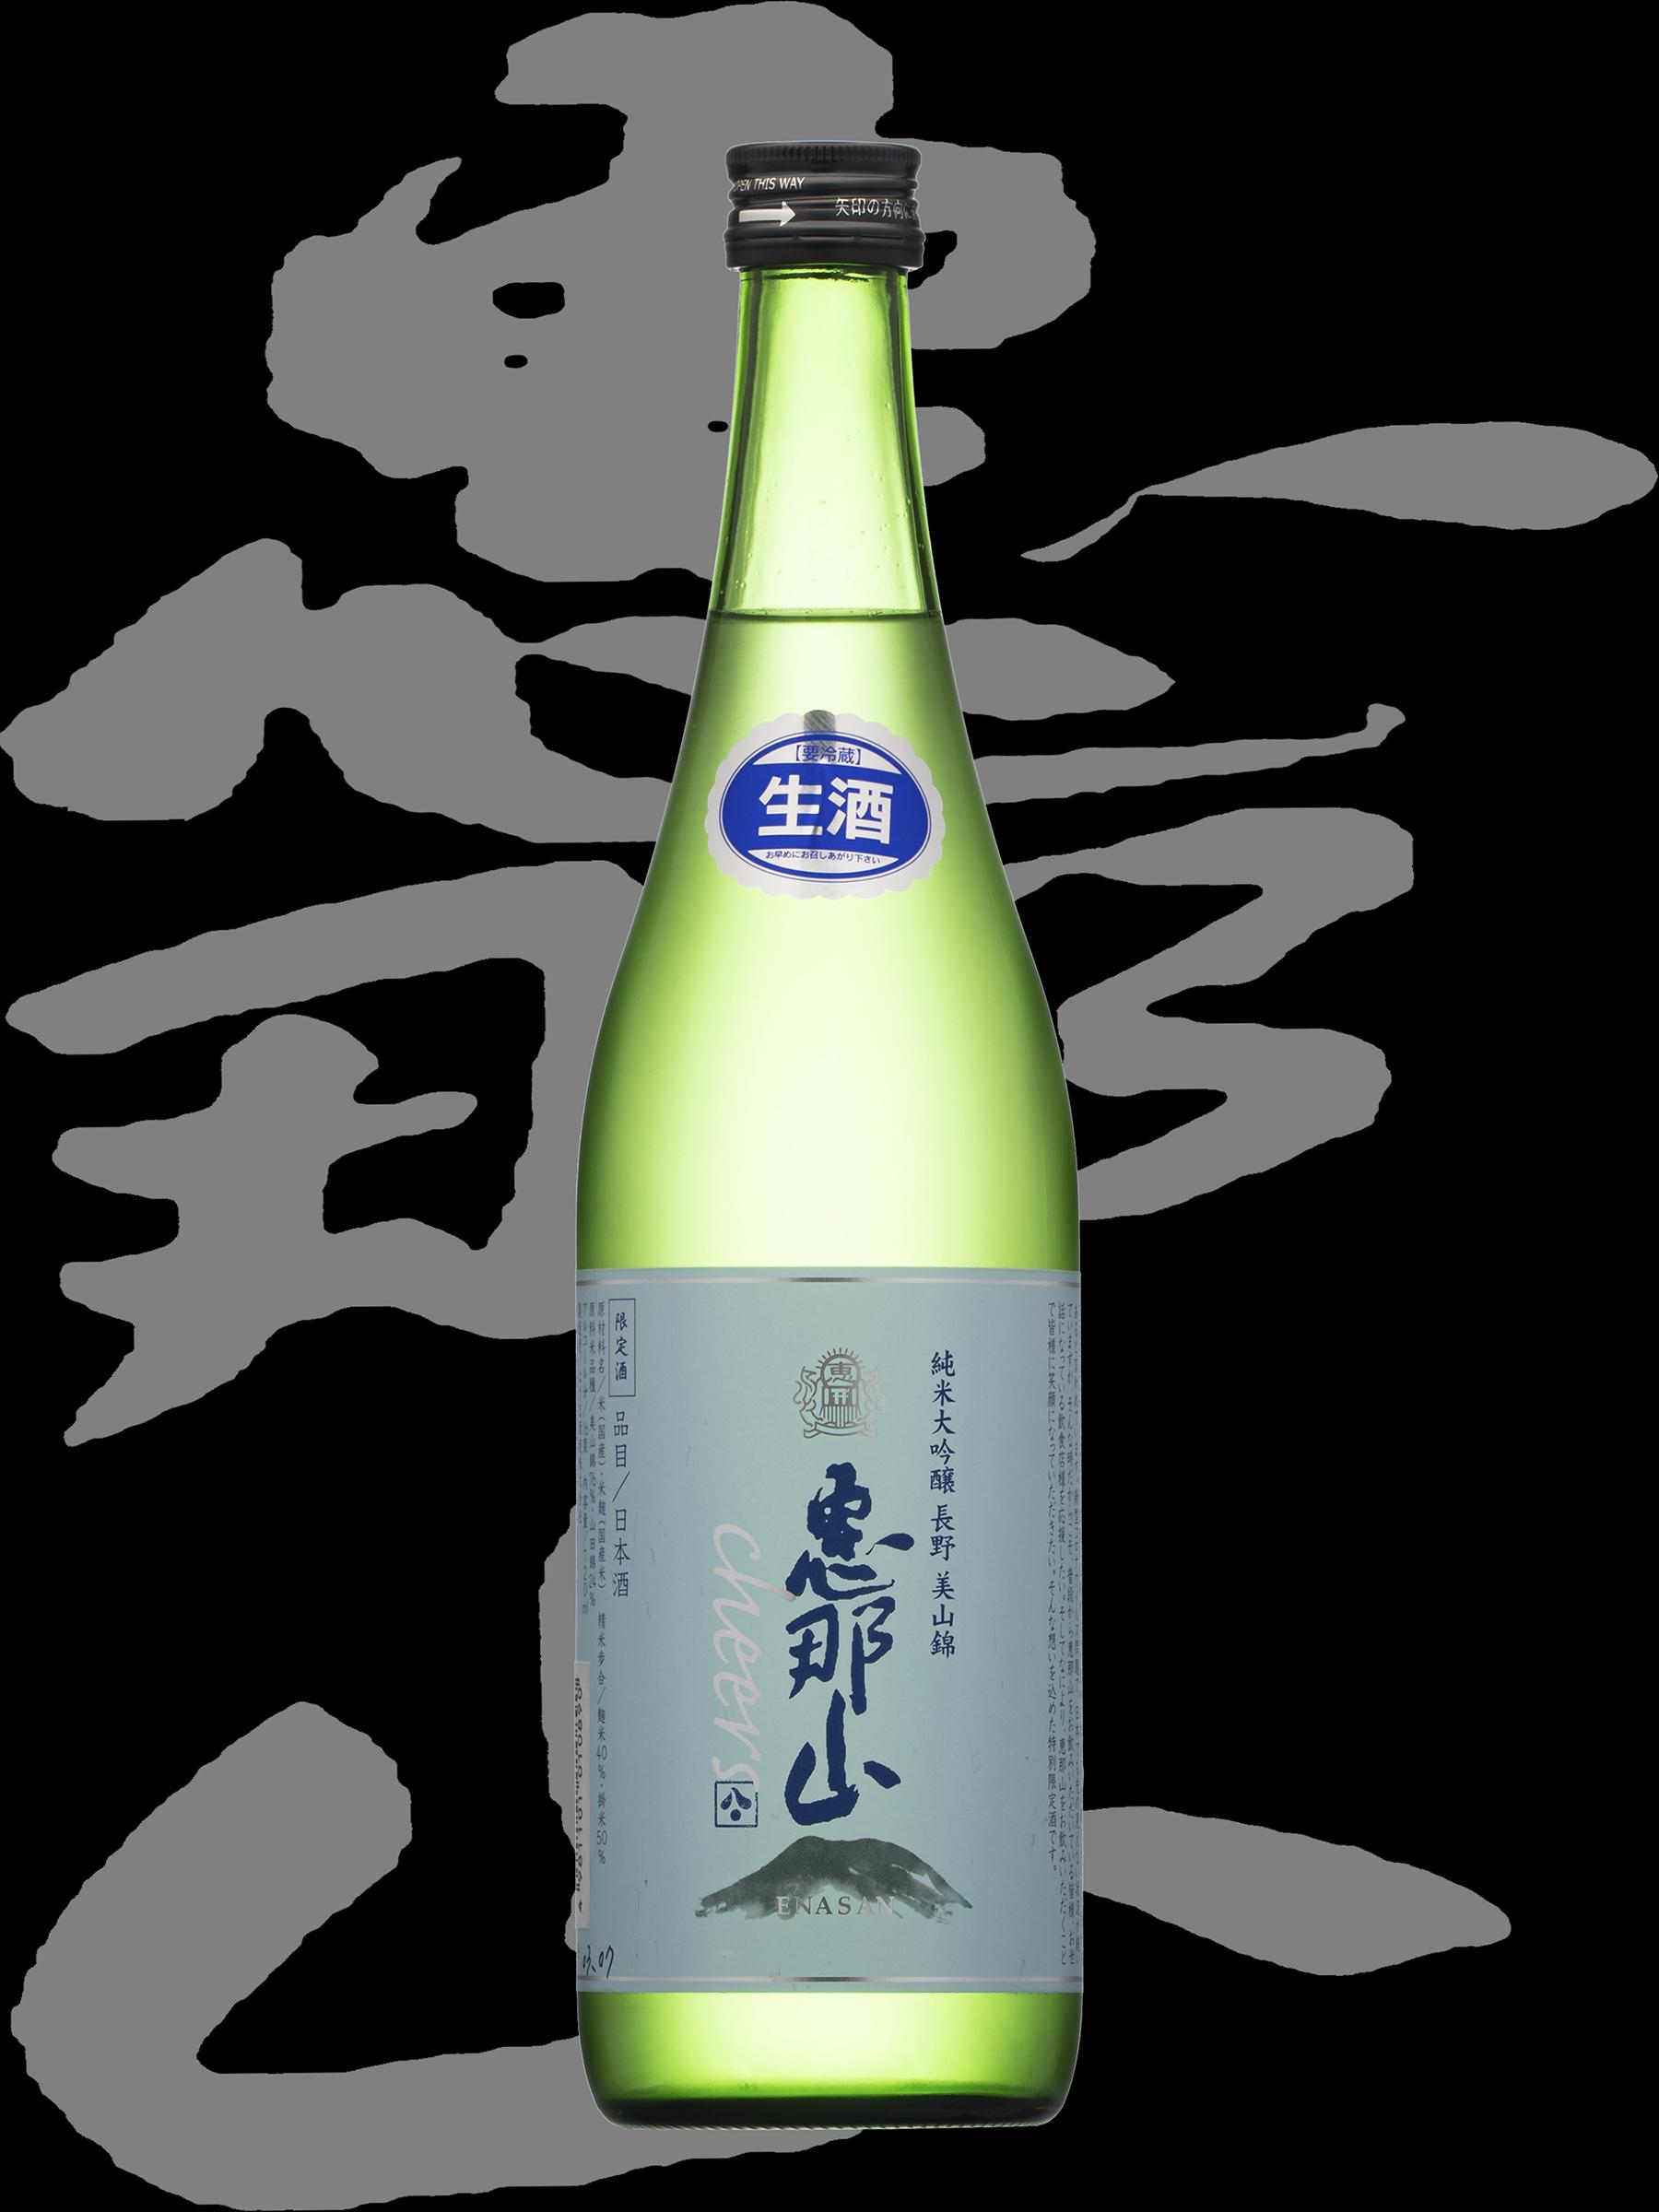 恵那山(えなさん)「純米大吟醸」cheers美山錦無濾過生原酒